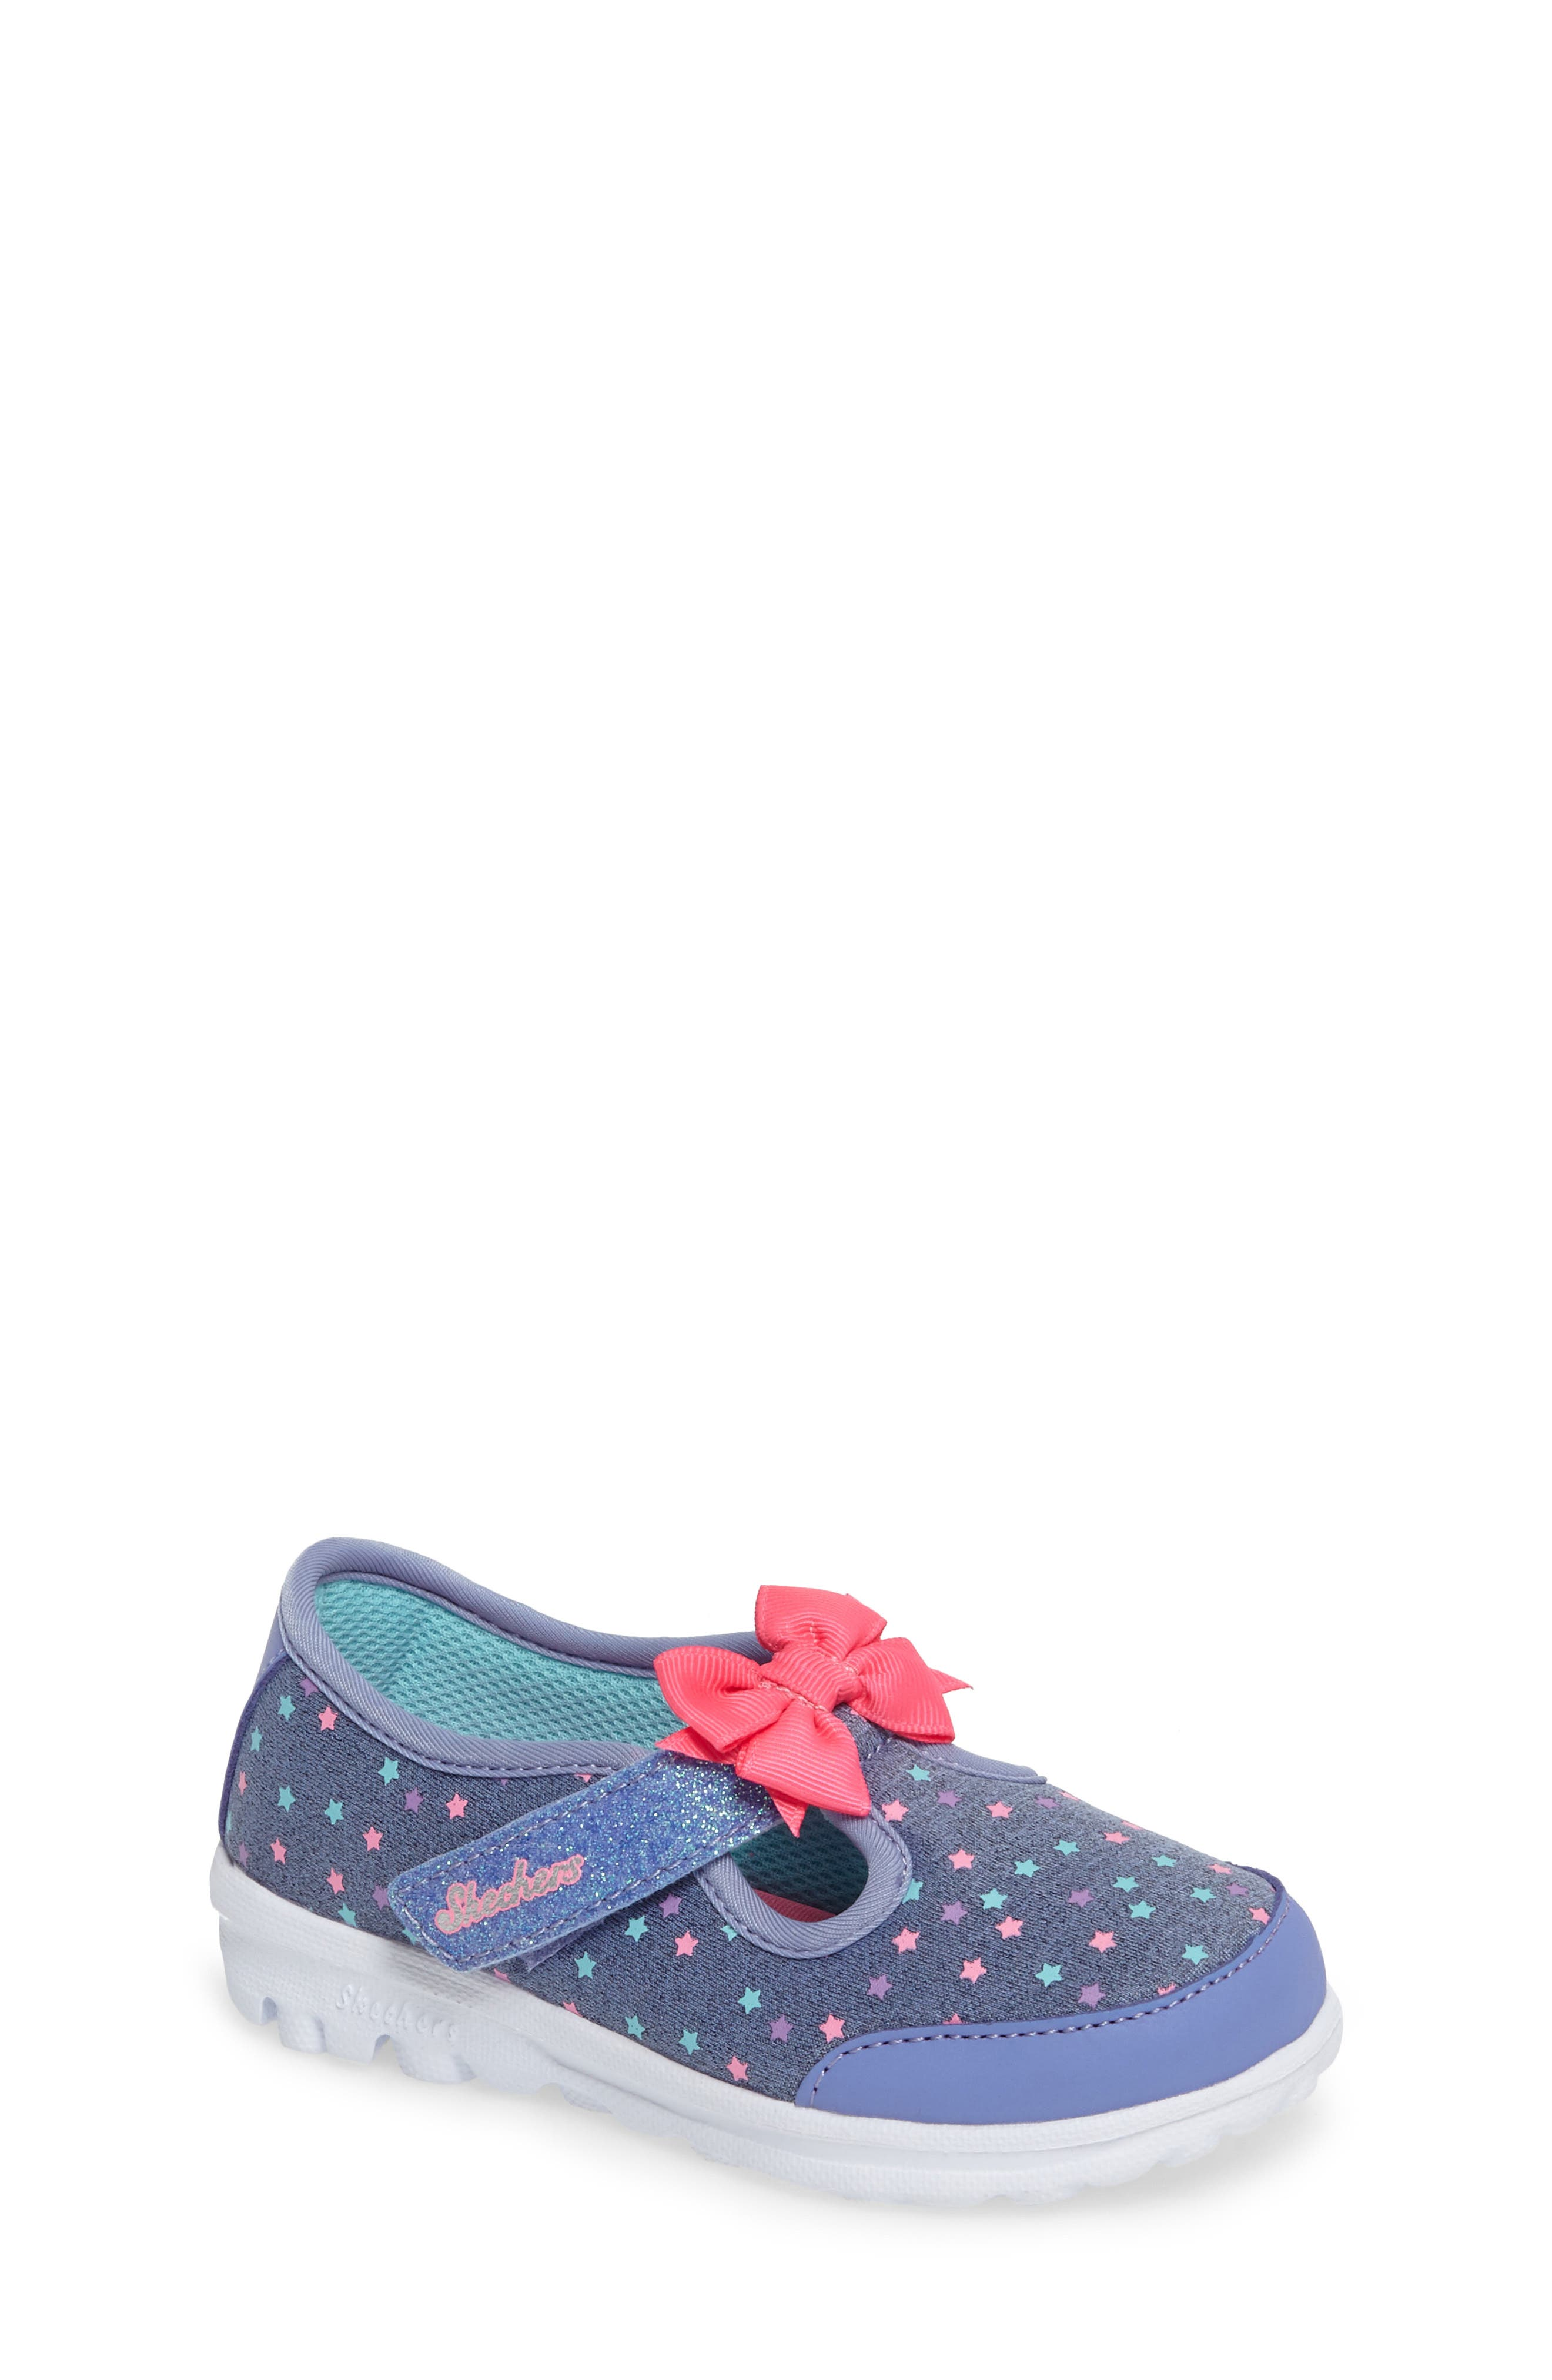 Main Image - SKECHERS Go Walk Slip-On Sneaker (Baby, Walker, Toddler & Little Kid)